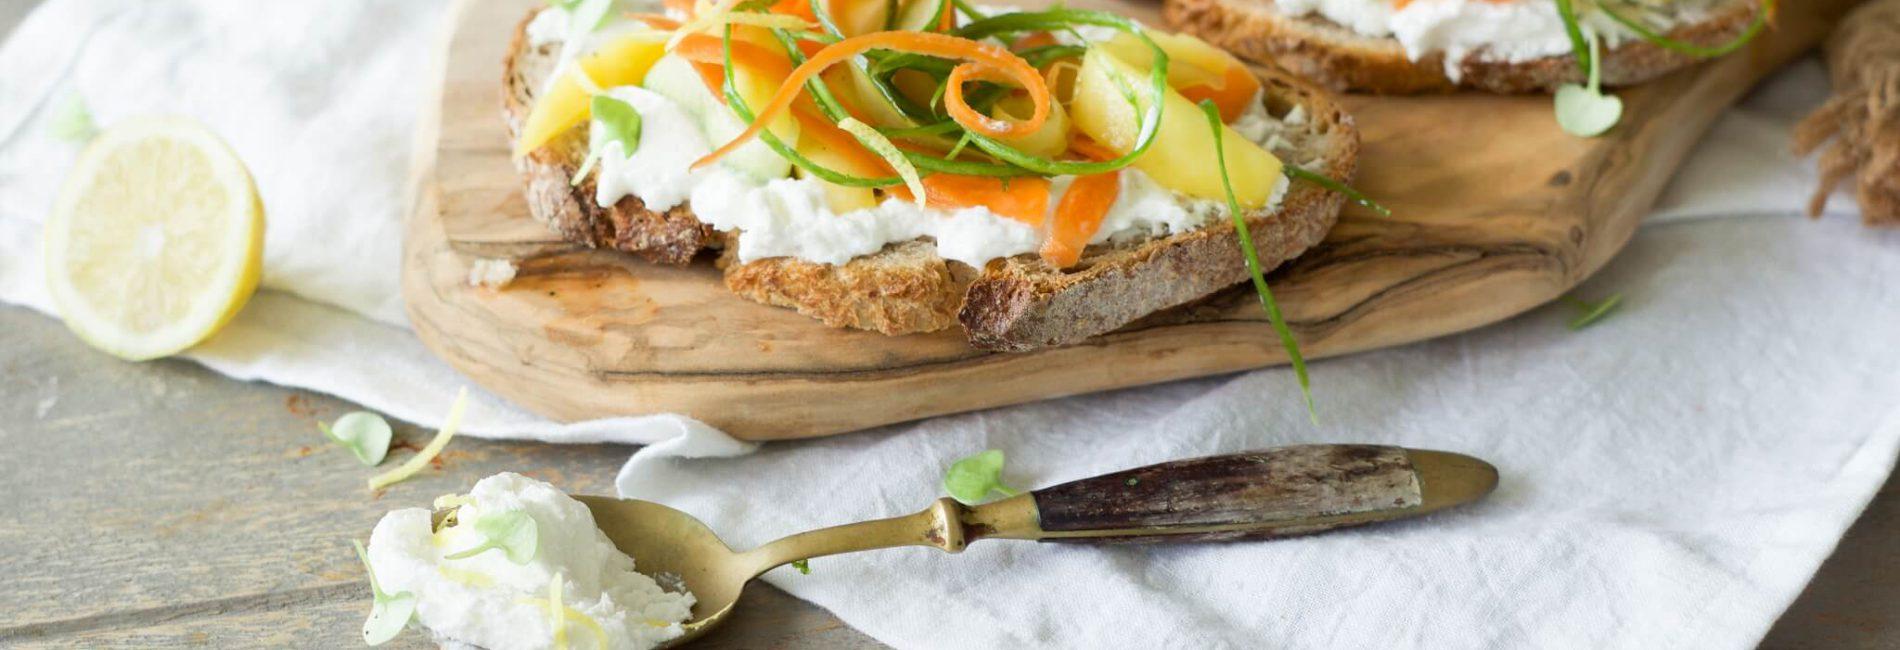 frisse salade www.thelemonkitchen.nl